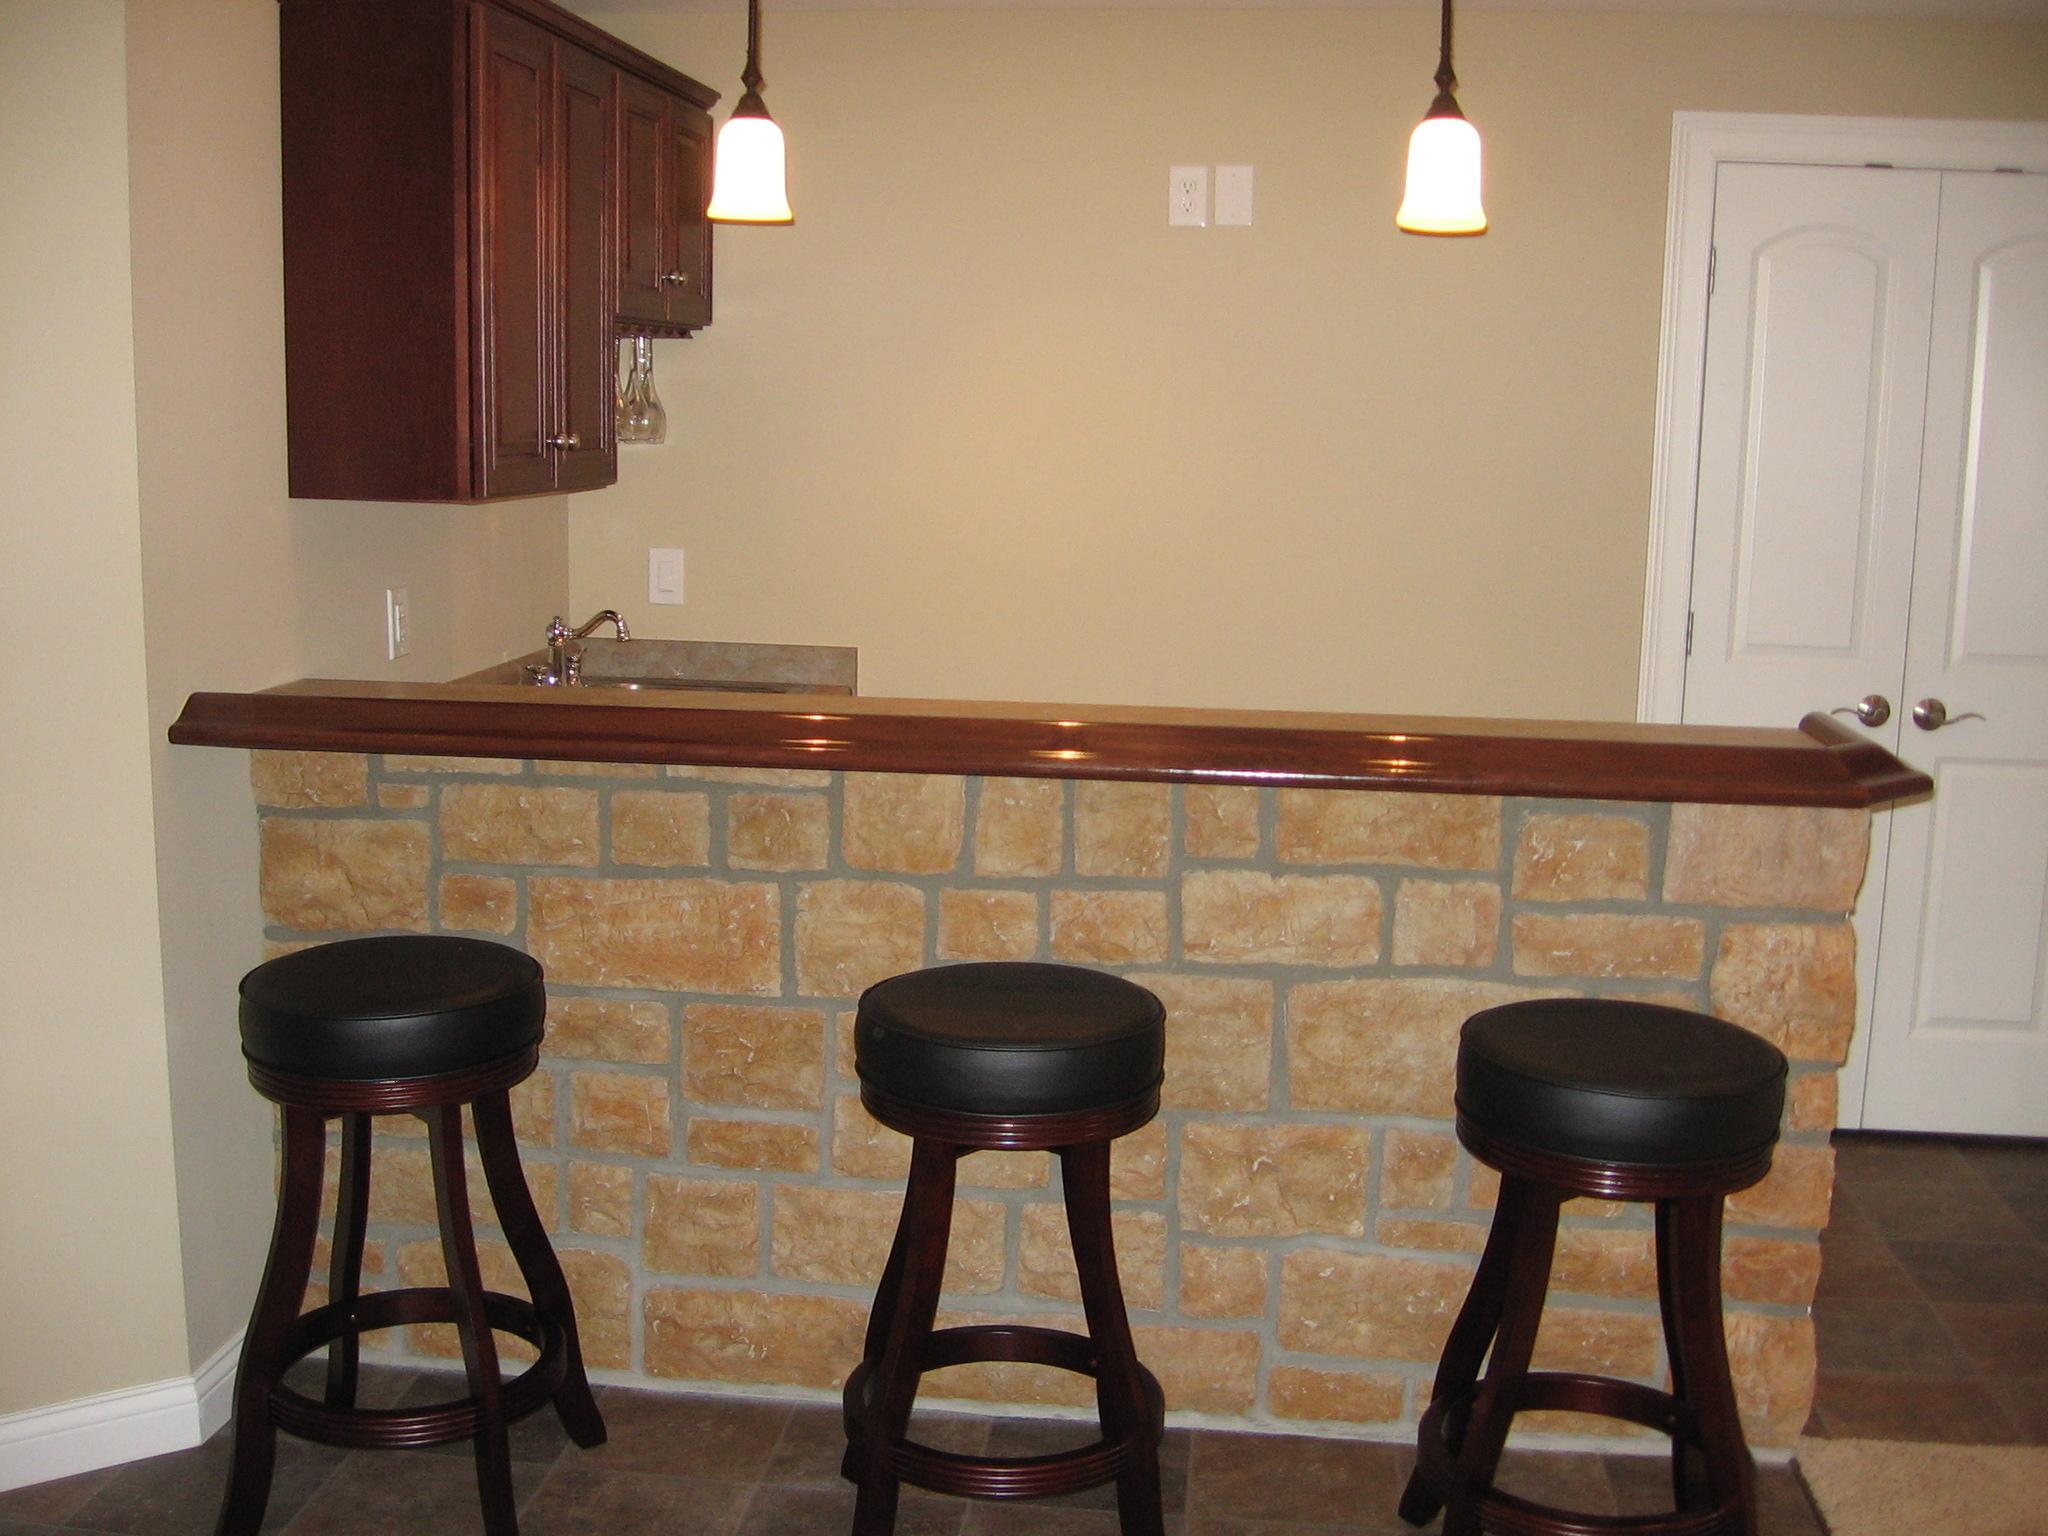 Terrific Home Bars For Basements Ideas New Basement Ideas - Golime.co